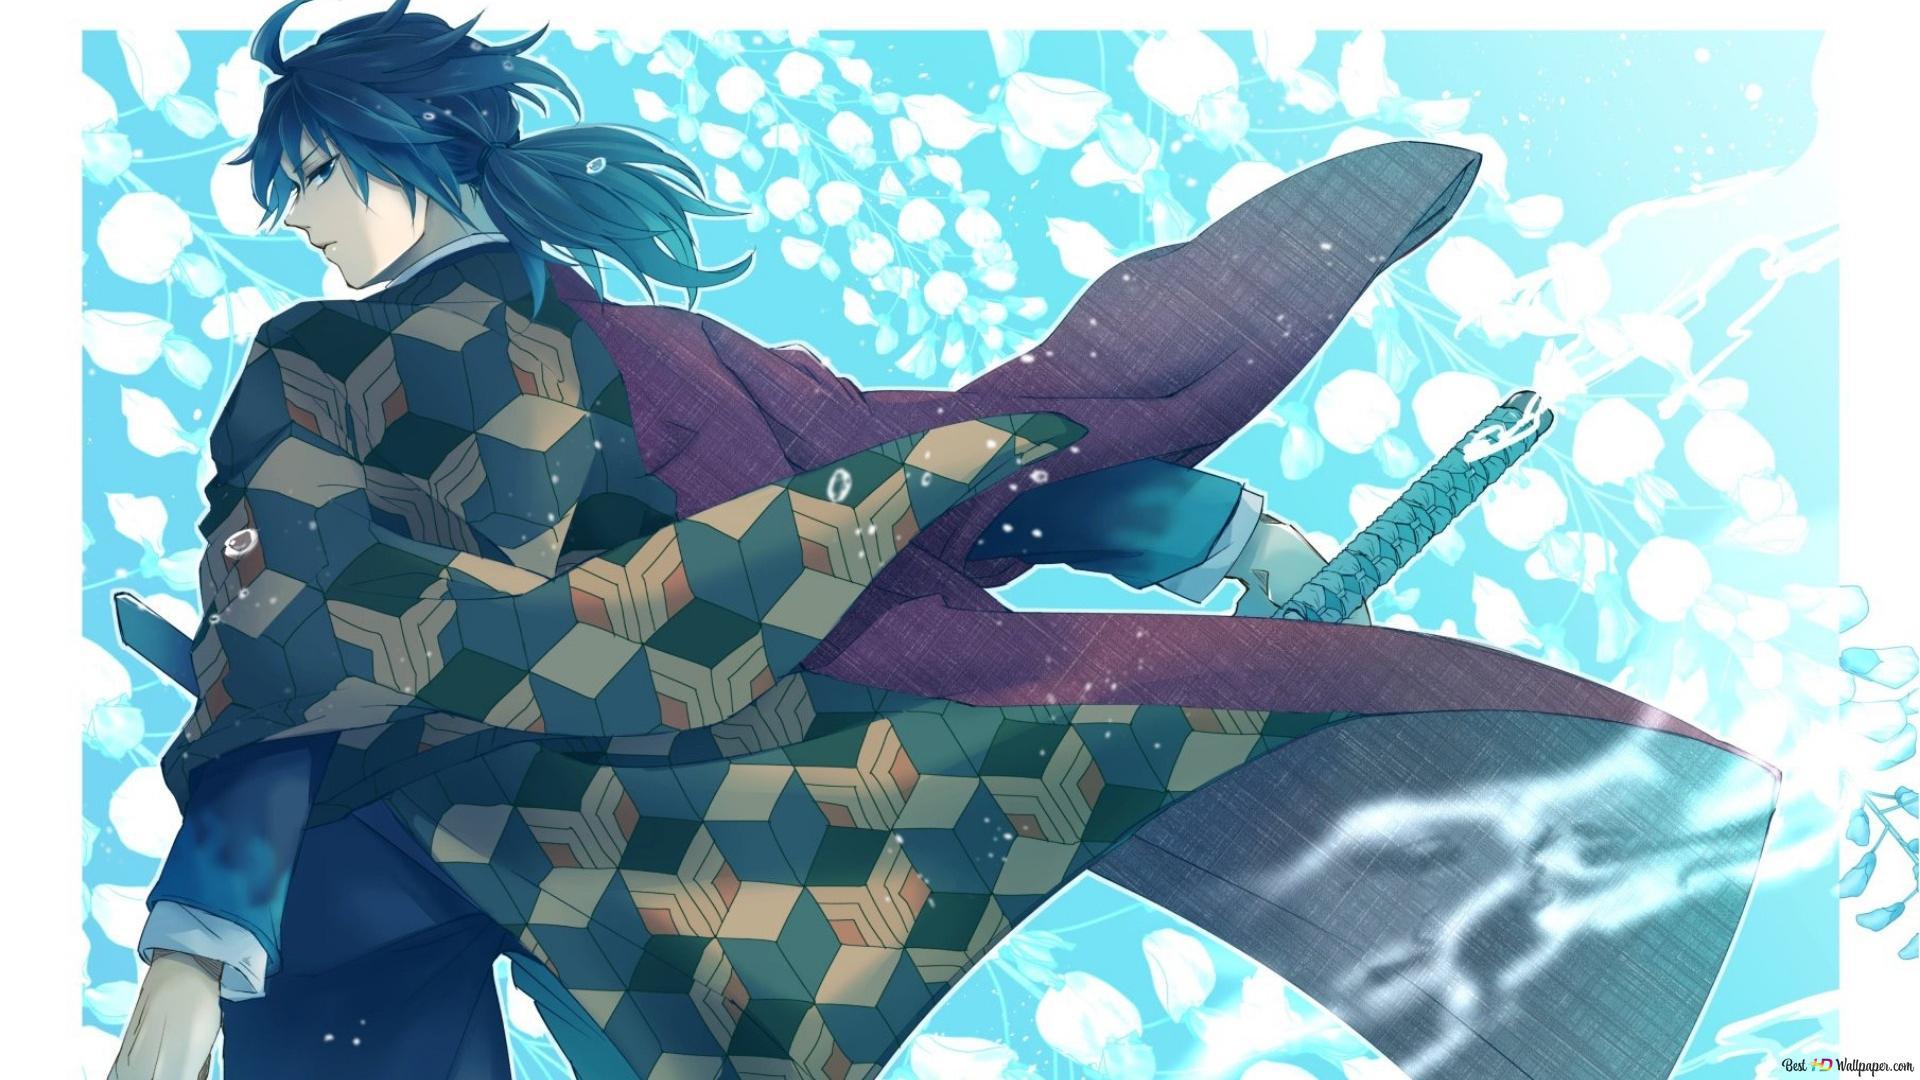 Giyuu Tomioka Kimetsu No Yaiba Hd Wallpaper Download